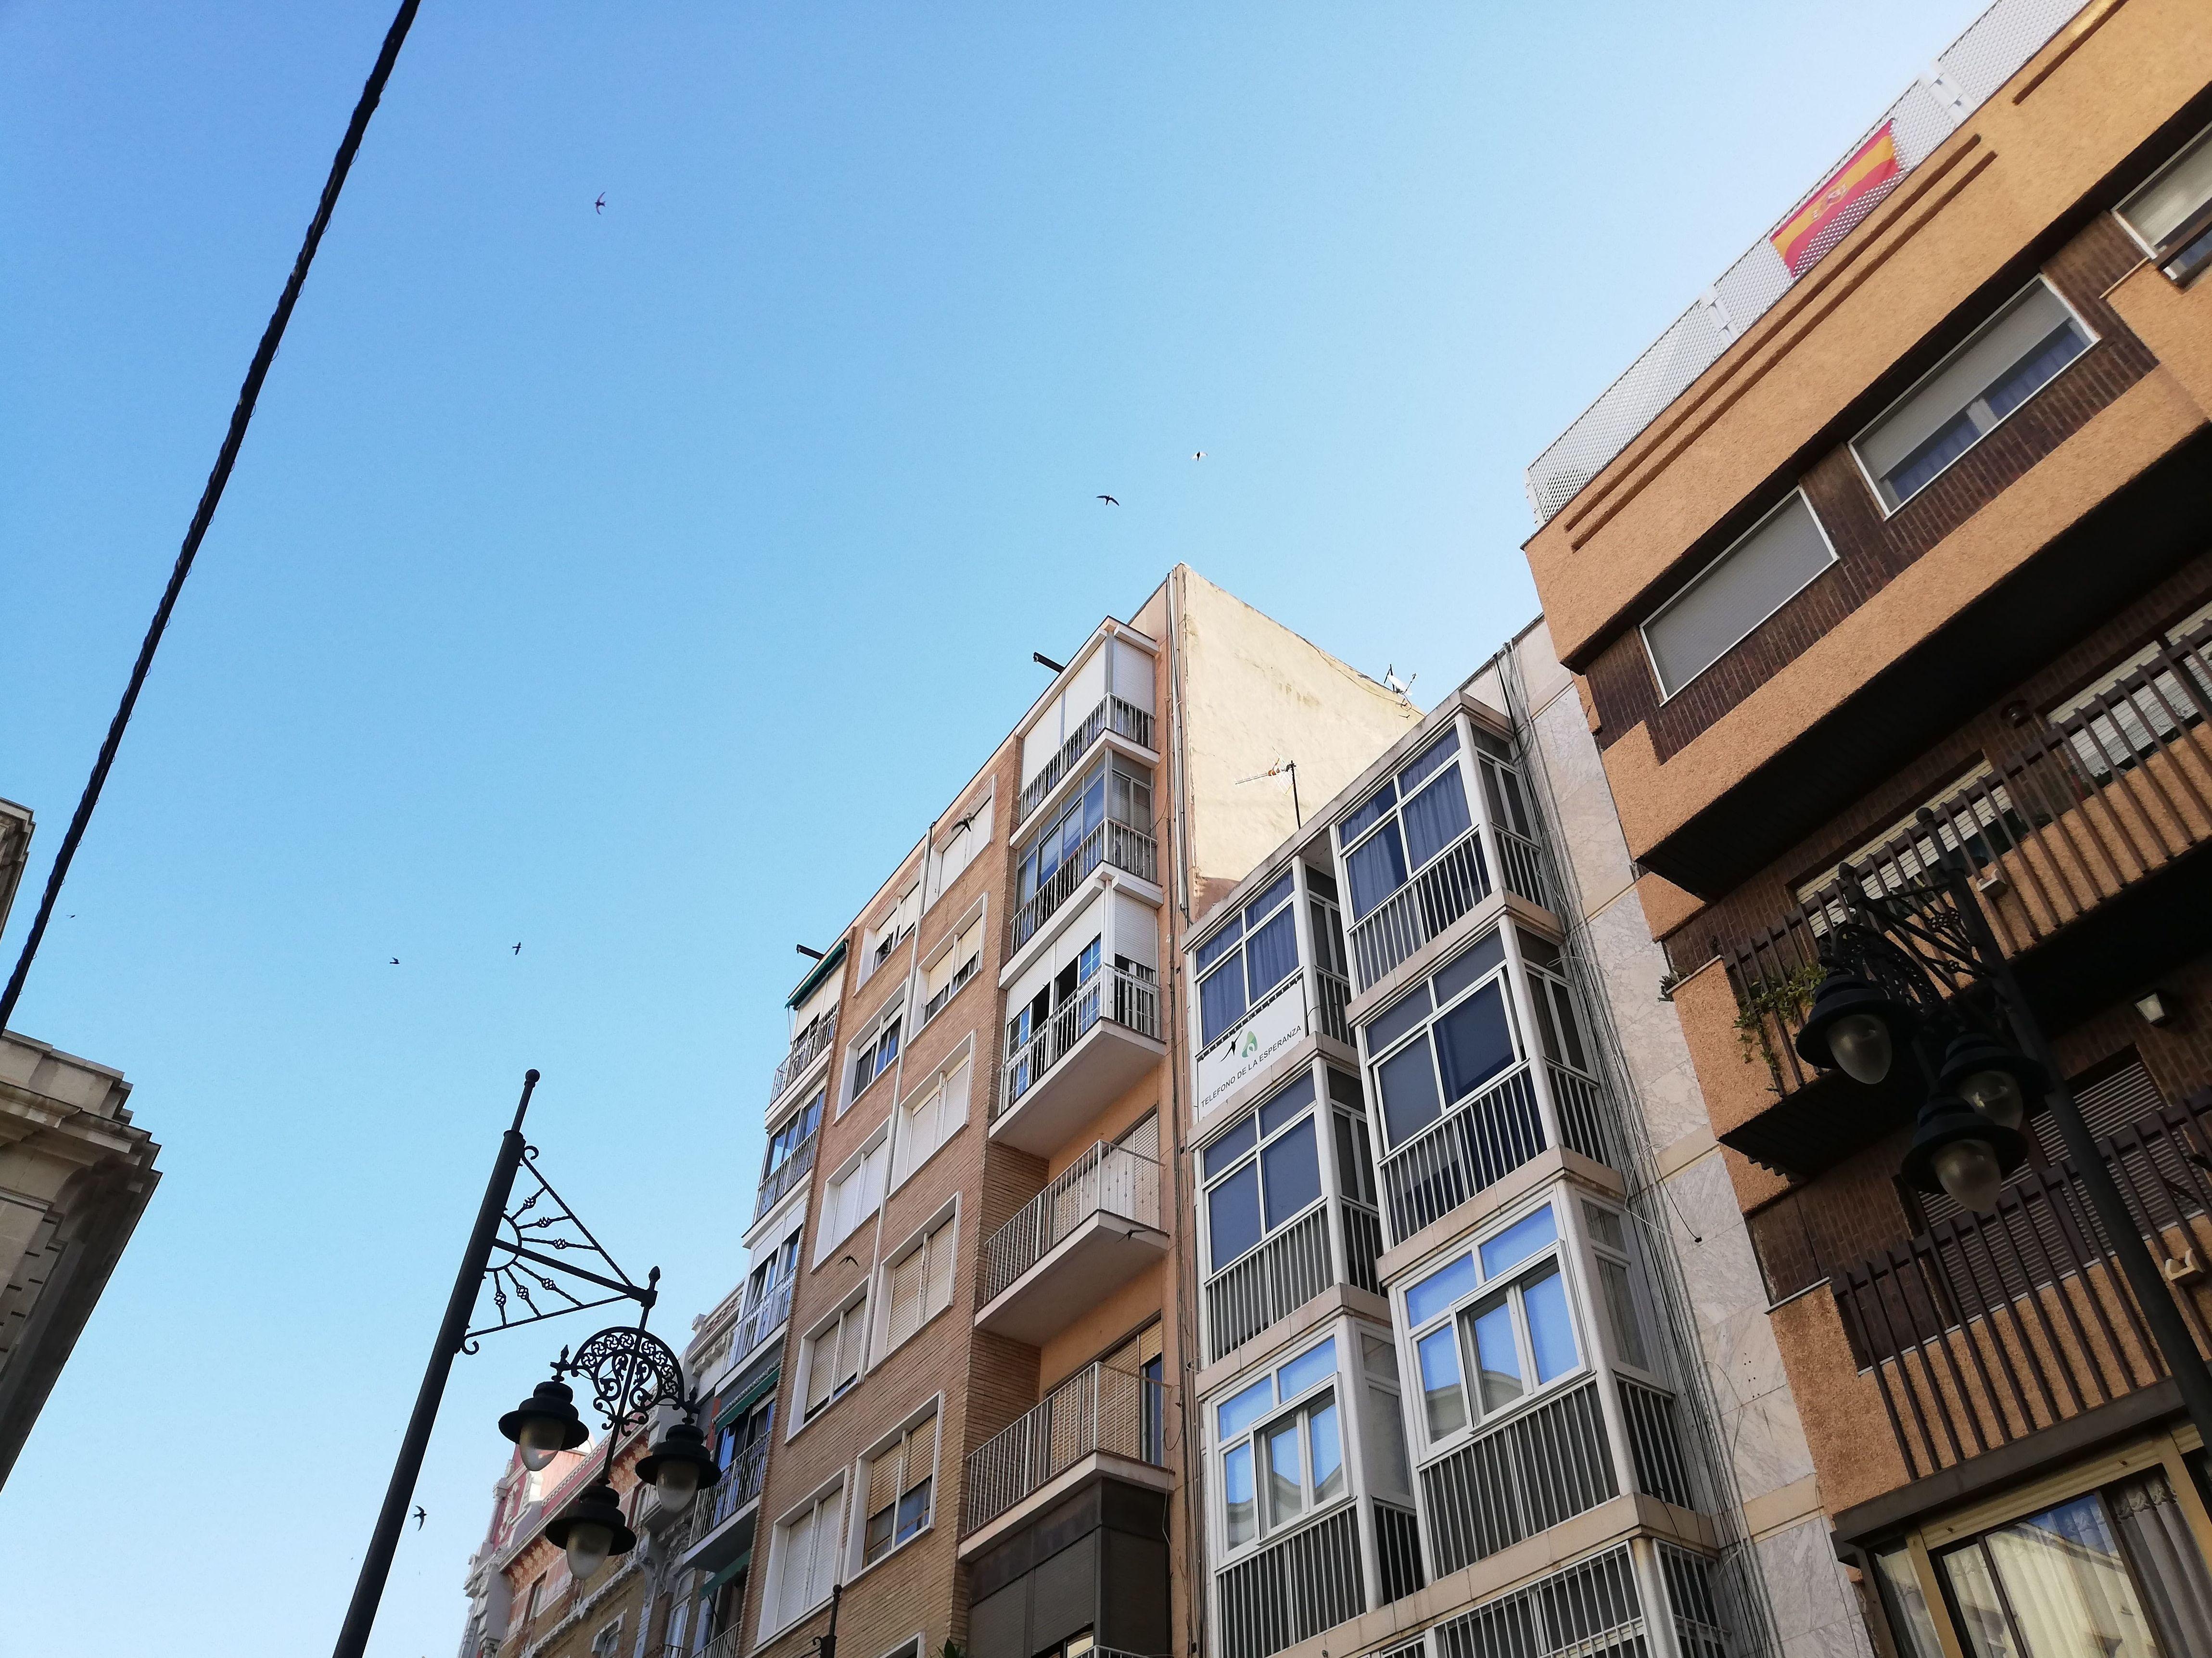 Proyecto de rehabilitación de fachadas de medianeras, cubiertas y patios interiores pendientes de realizar en el centro de Cartagena